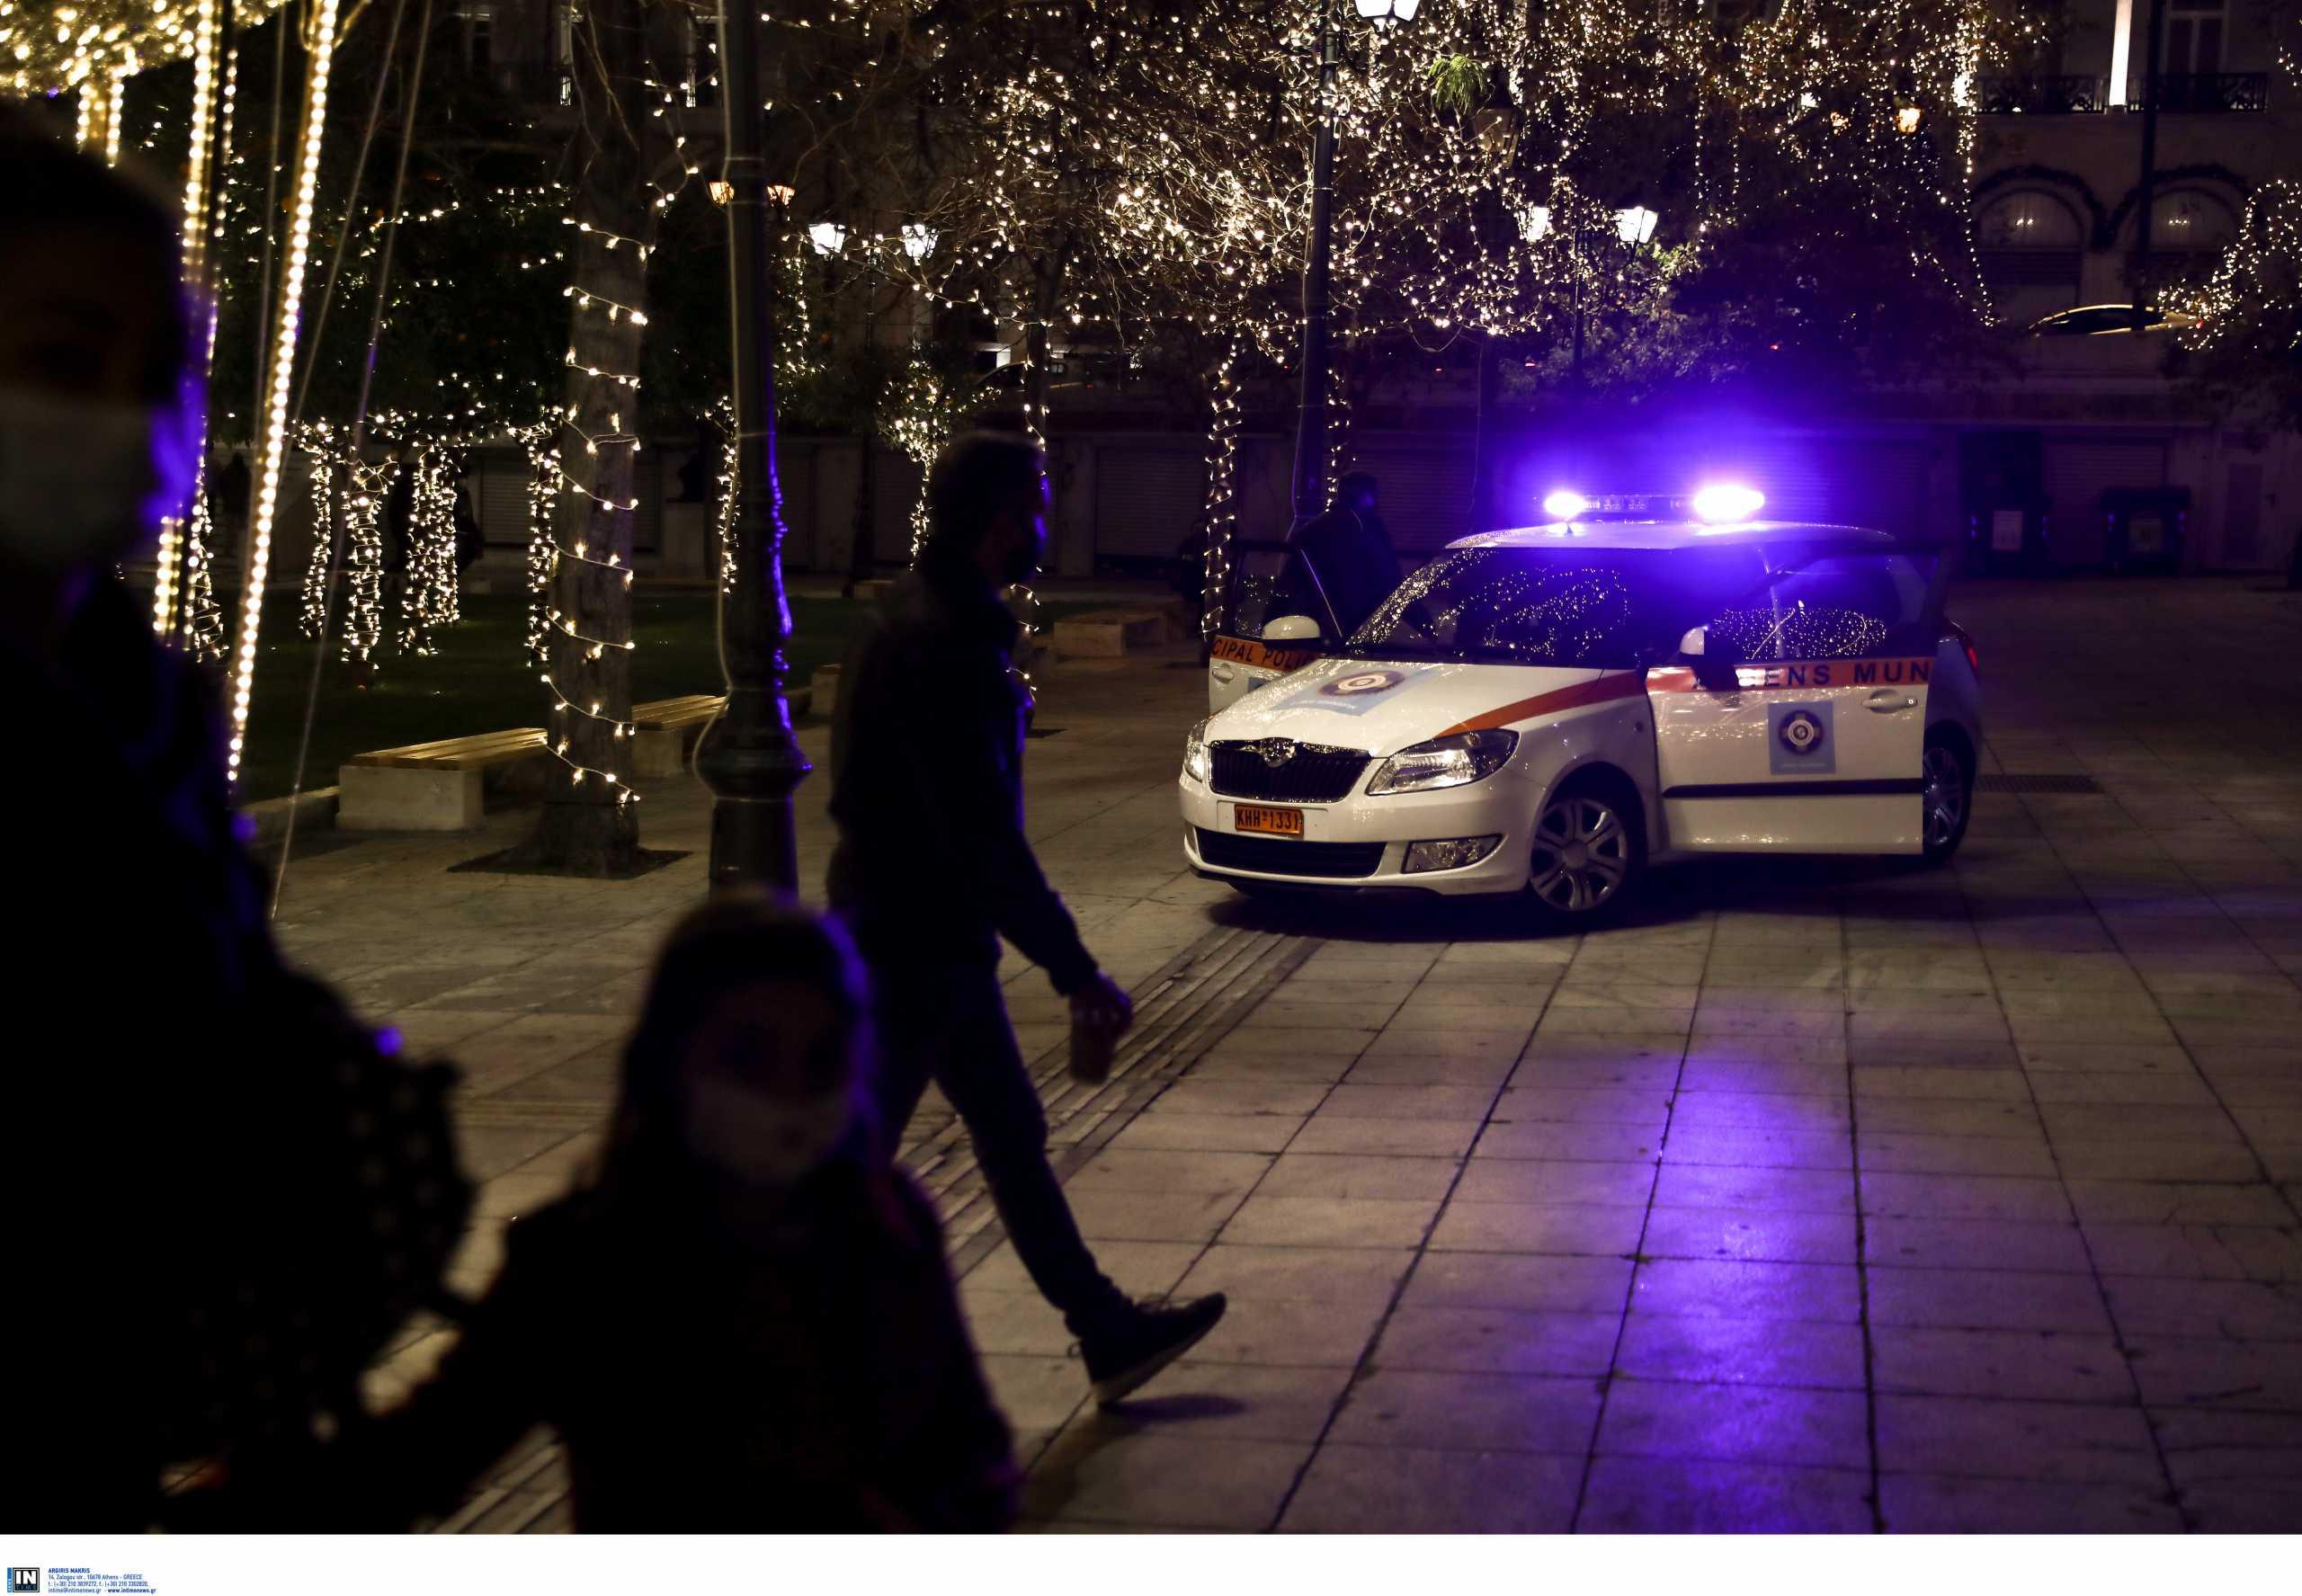 Ρεβεγιόν Πρωτοχρονιάς: Σκληρά μέτρα με κλείσιμο δρόμων και απαγόρευση κυκλοφορίας